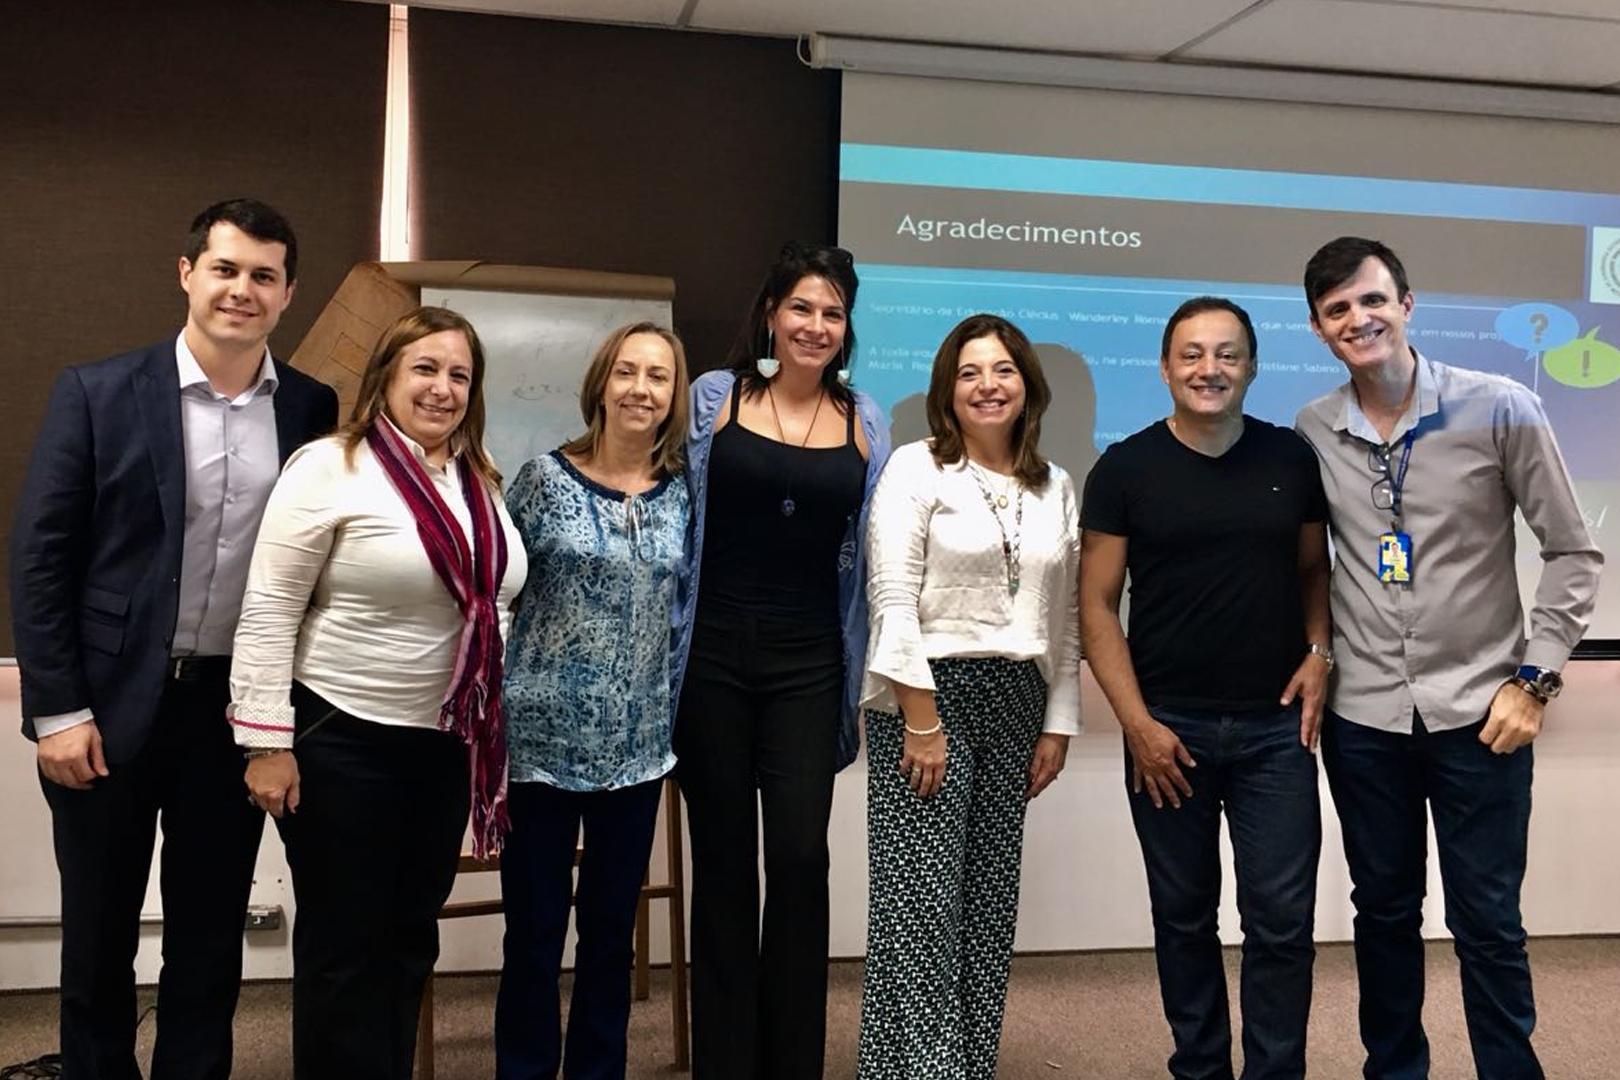 Cejusc de Santana de Parnaíba promove palestra sobre mediação para profissionais de educação